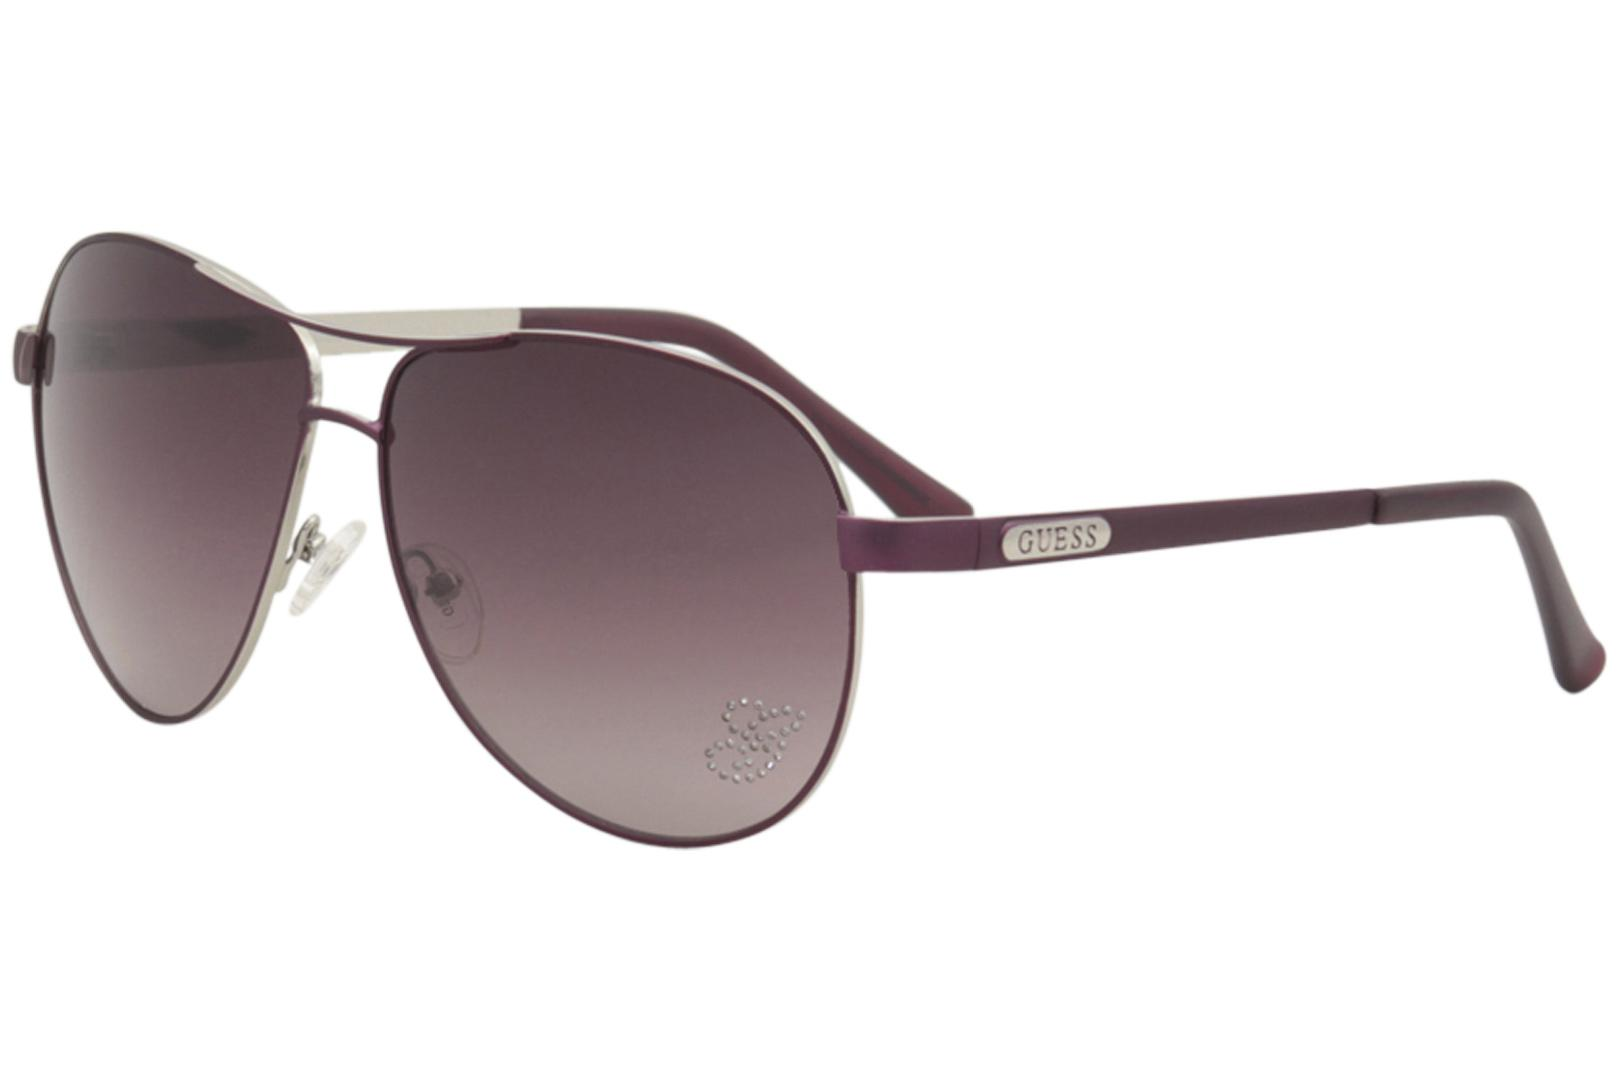 887992f287b Guess Women s GU7365 GU 7365 Fashion Pilot Sunglasses